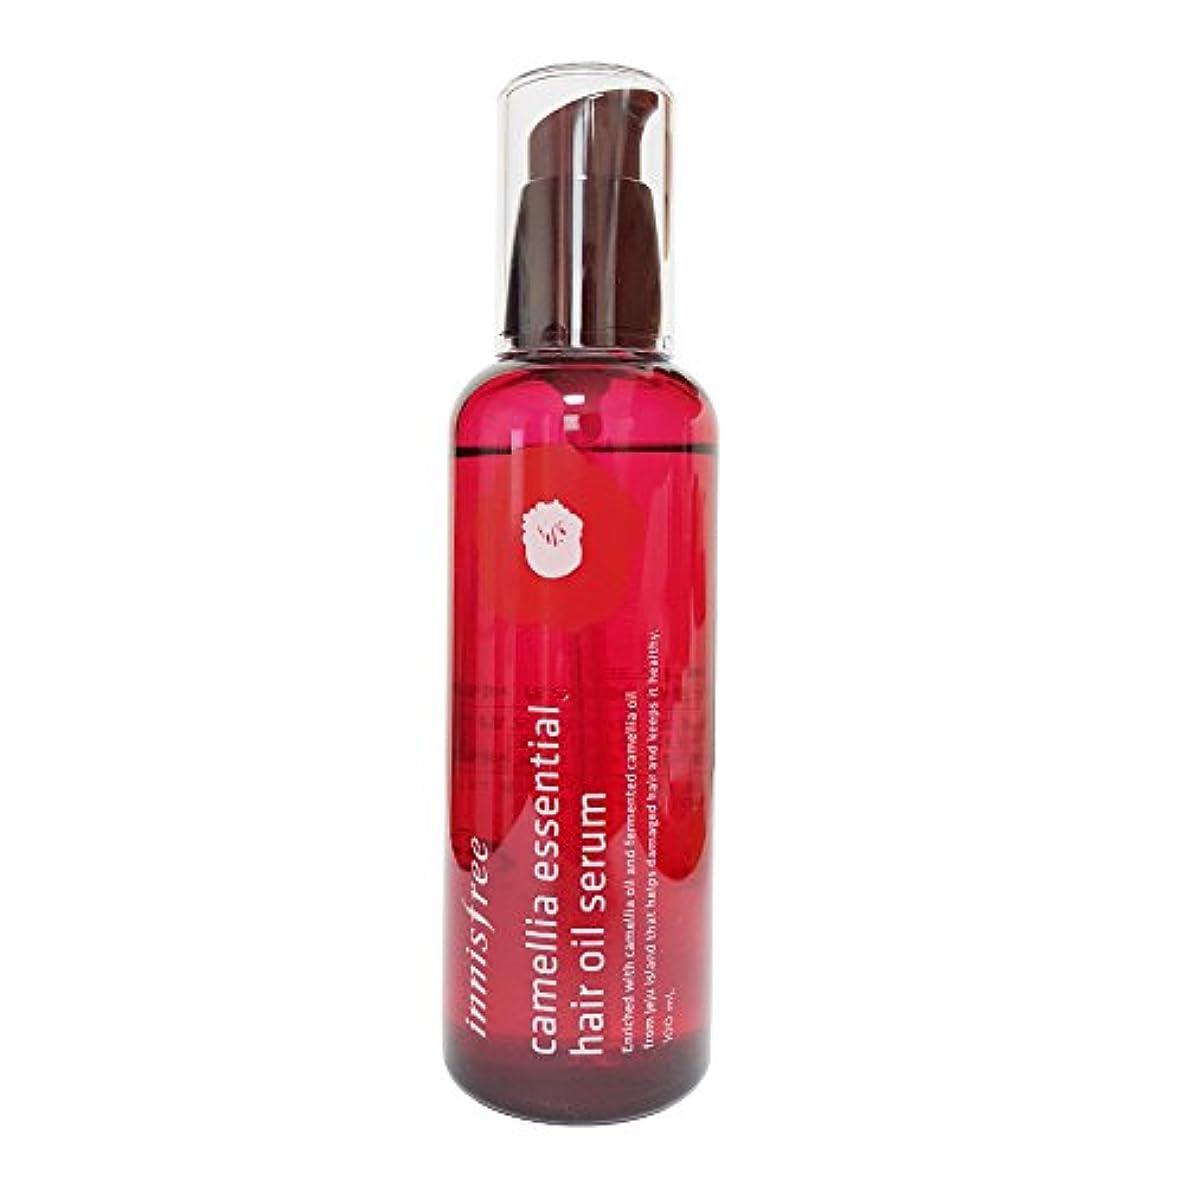 アラビア語宅配便骨折[イニスフリー] Innisfree カメリアエッセンシャル?ヘア?オイルセラム (100ml) Innisfree Camellia Essential Hair Oil Serum (100ml) [海外直送品]